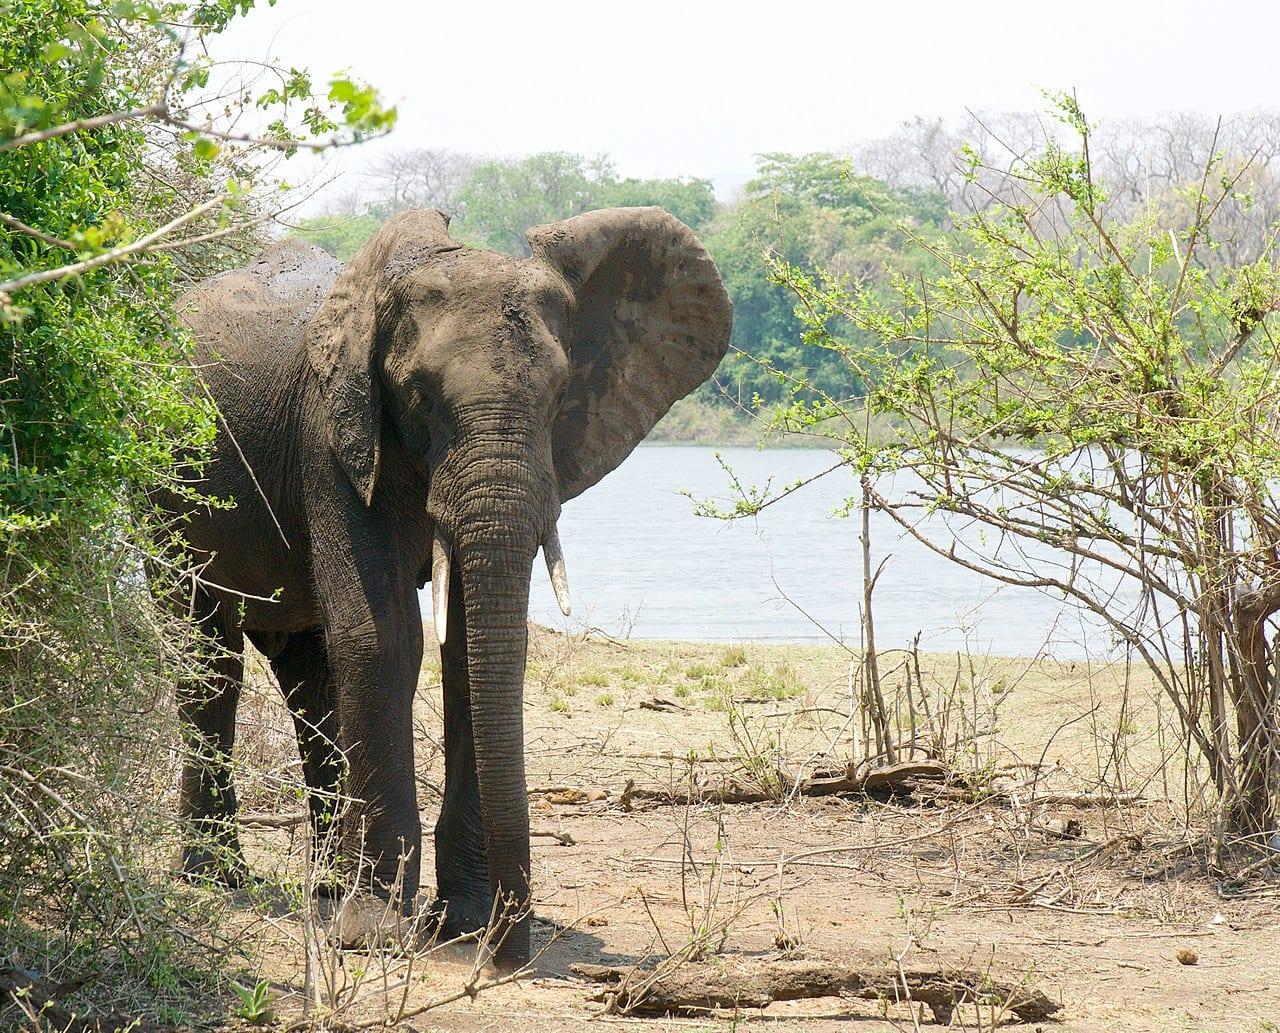 malawi travel guide Elephant at Majete wildlife reserve